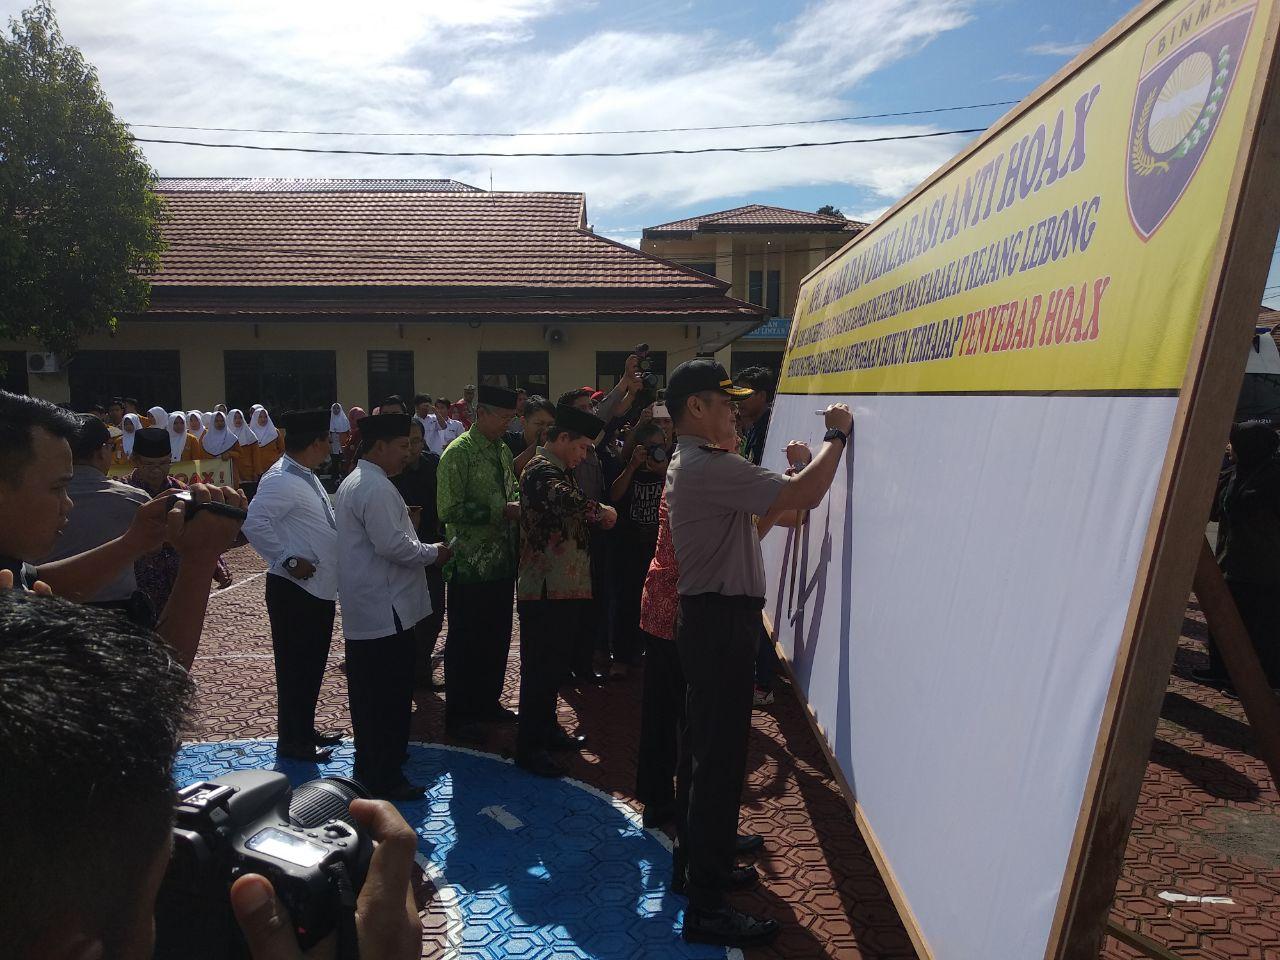 Bersama Polri Masyarakat RL Deklarasikan Anti Hoax